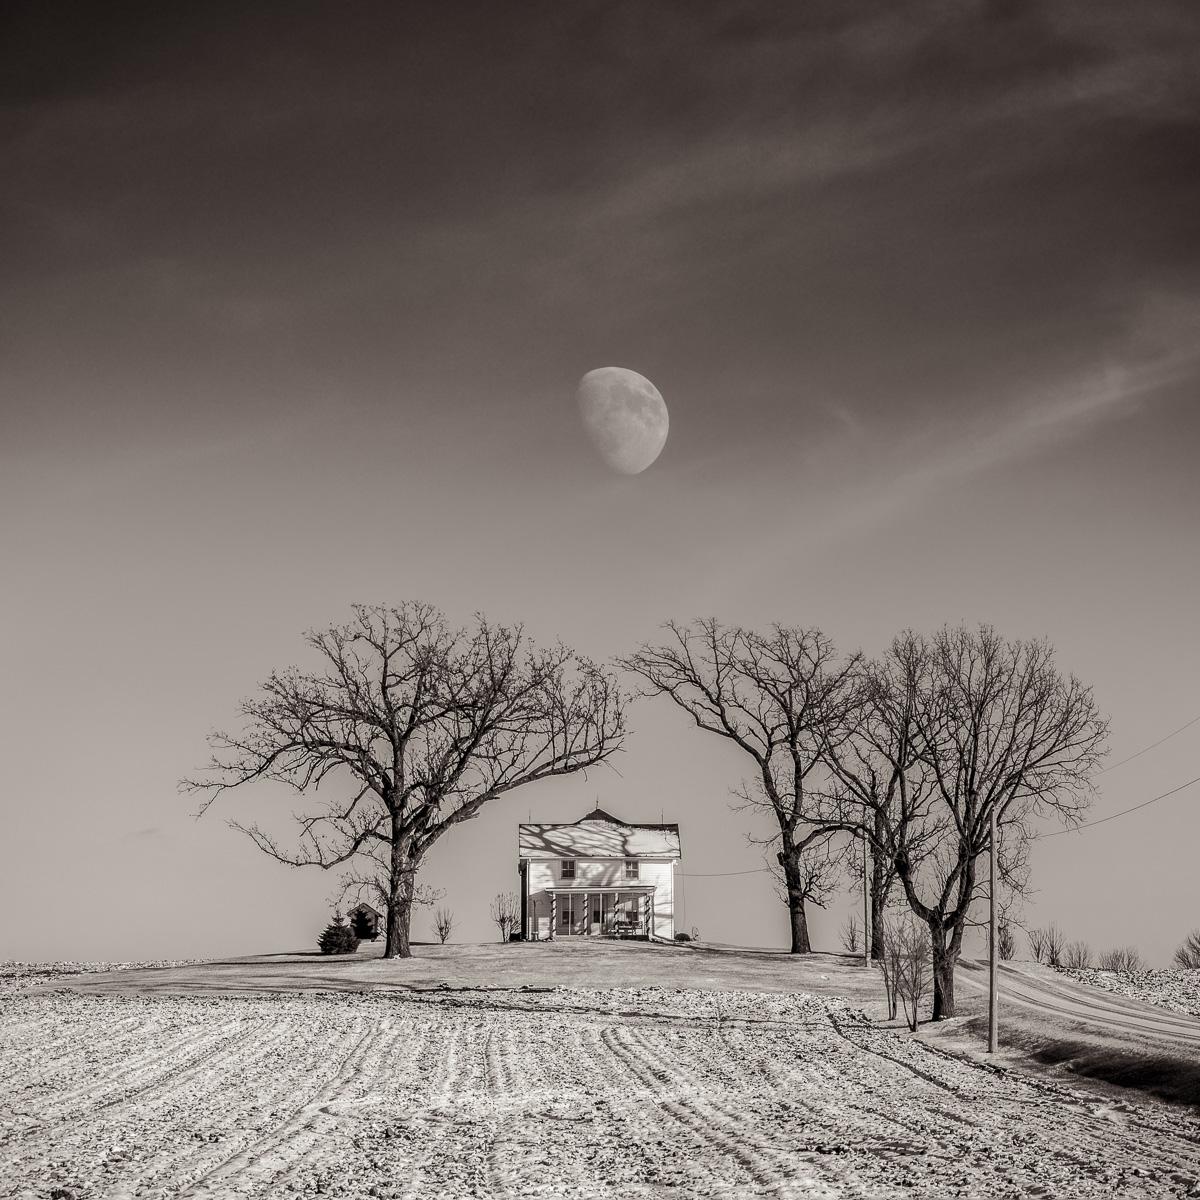 MichaelKnapstein_Winter_WinterMoon.jpg